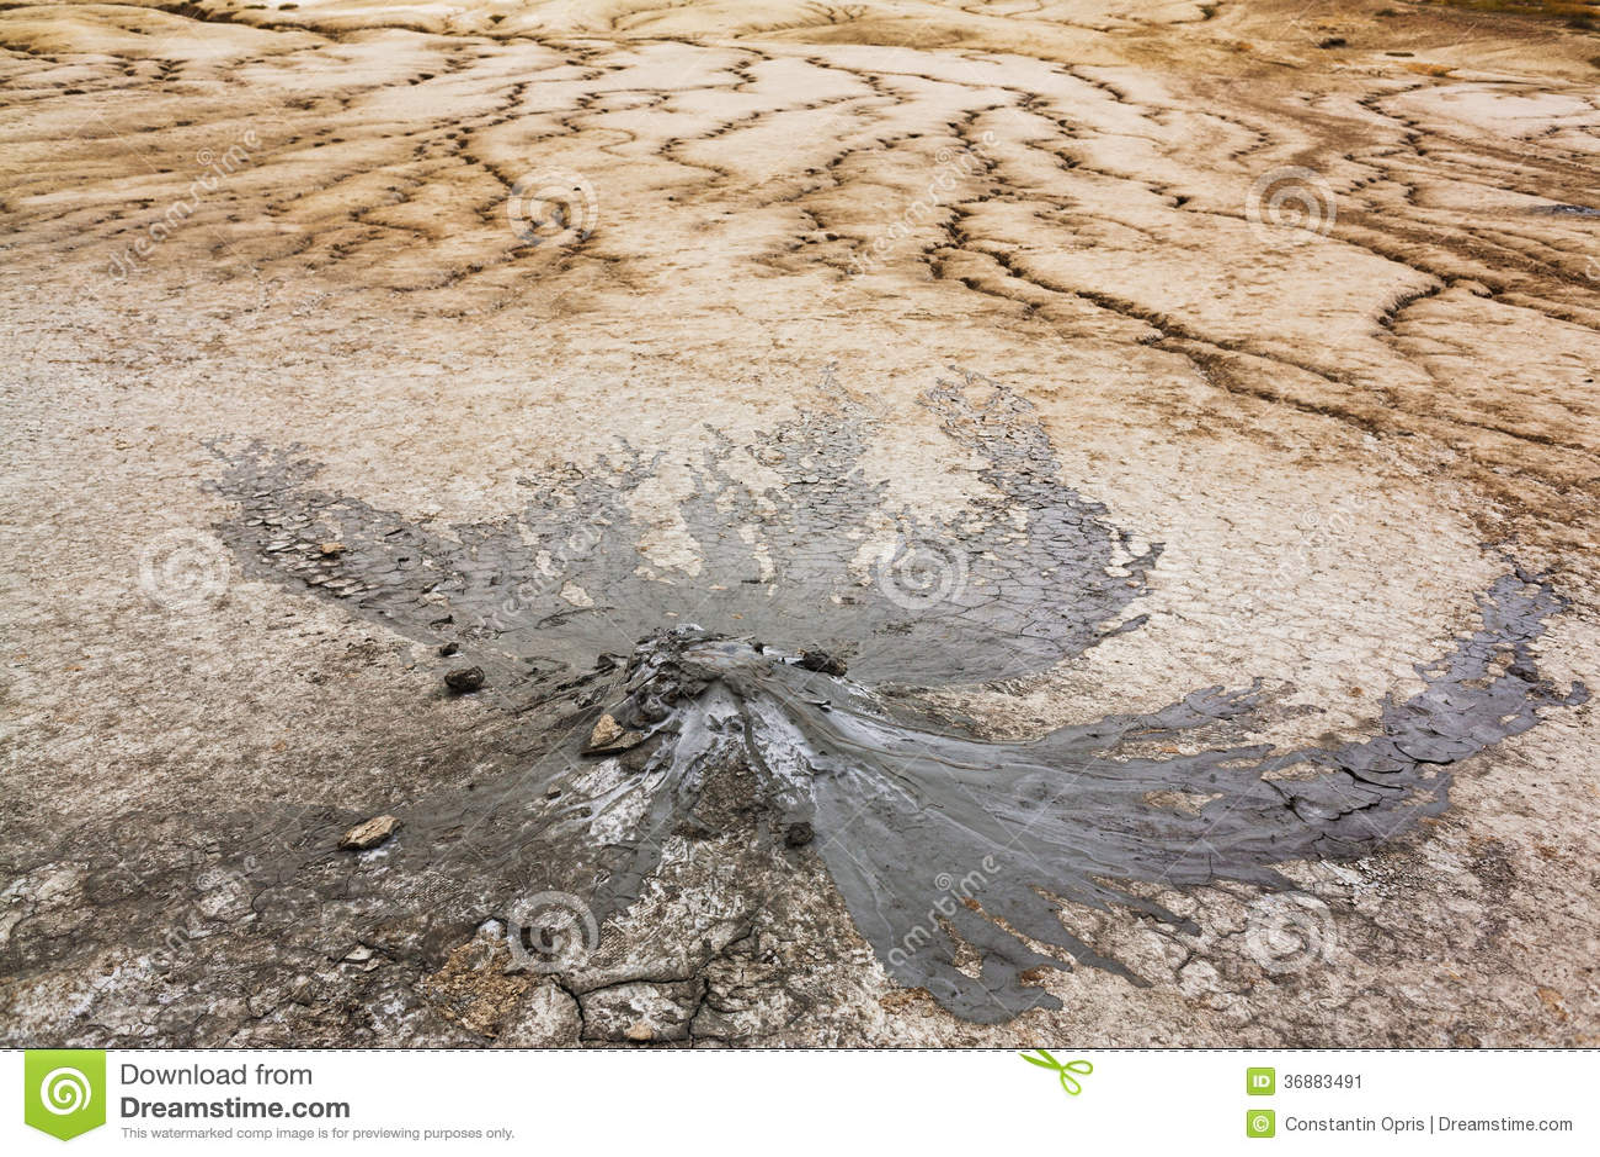 Download Vulcano del fango immagine stock. Immagine di terreno - 36883491